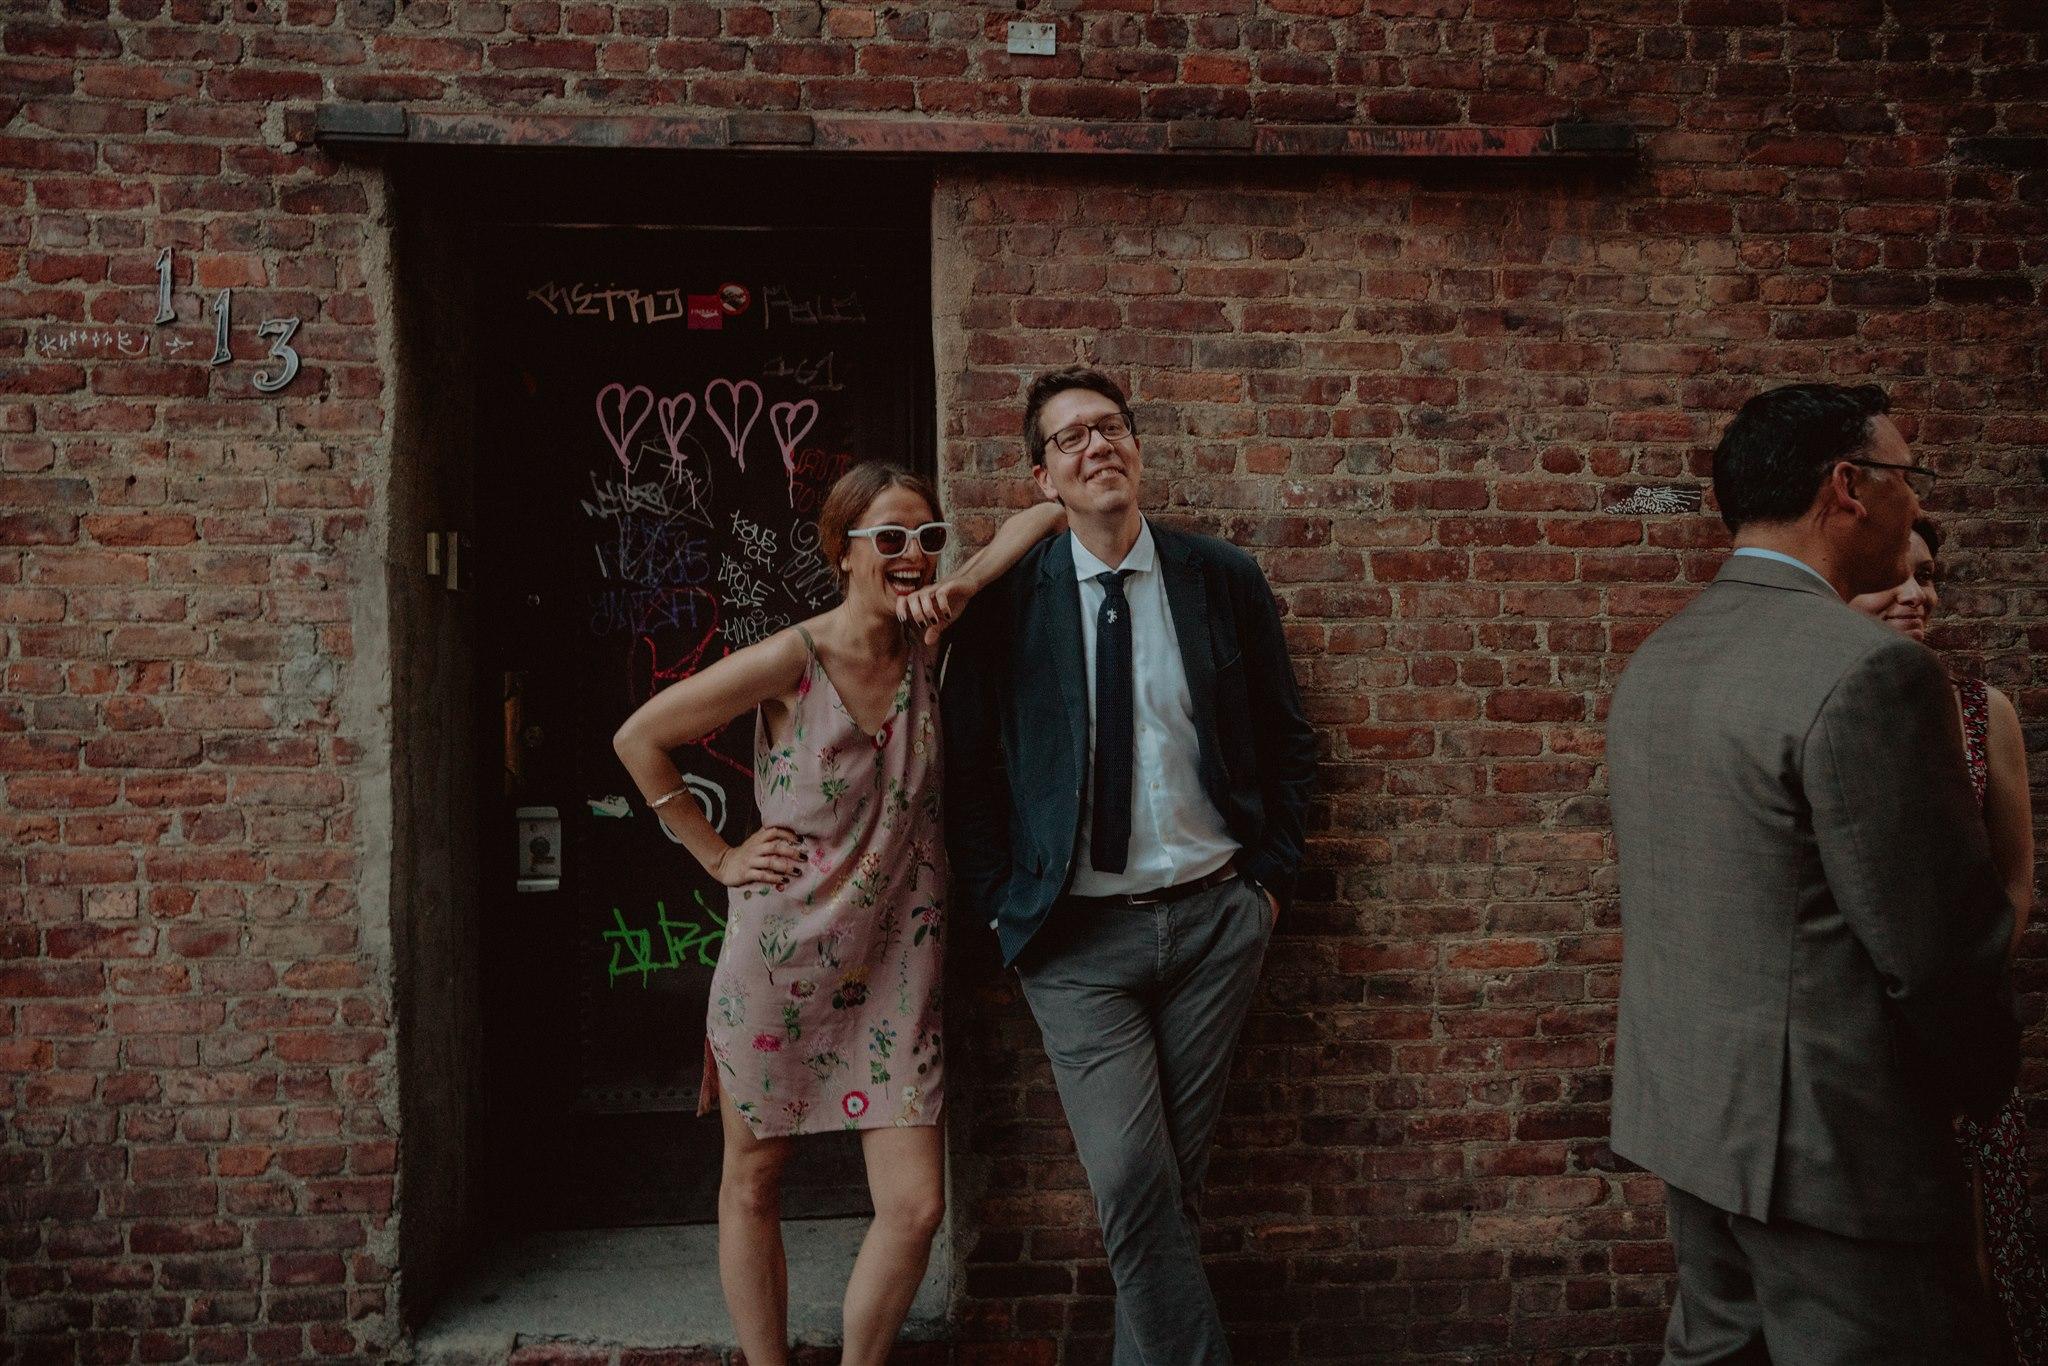 Chellise_Michael_Photography_Ramona_Brooklyn_Wedding_Photographer-500.jpg